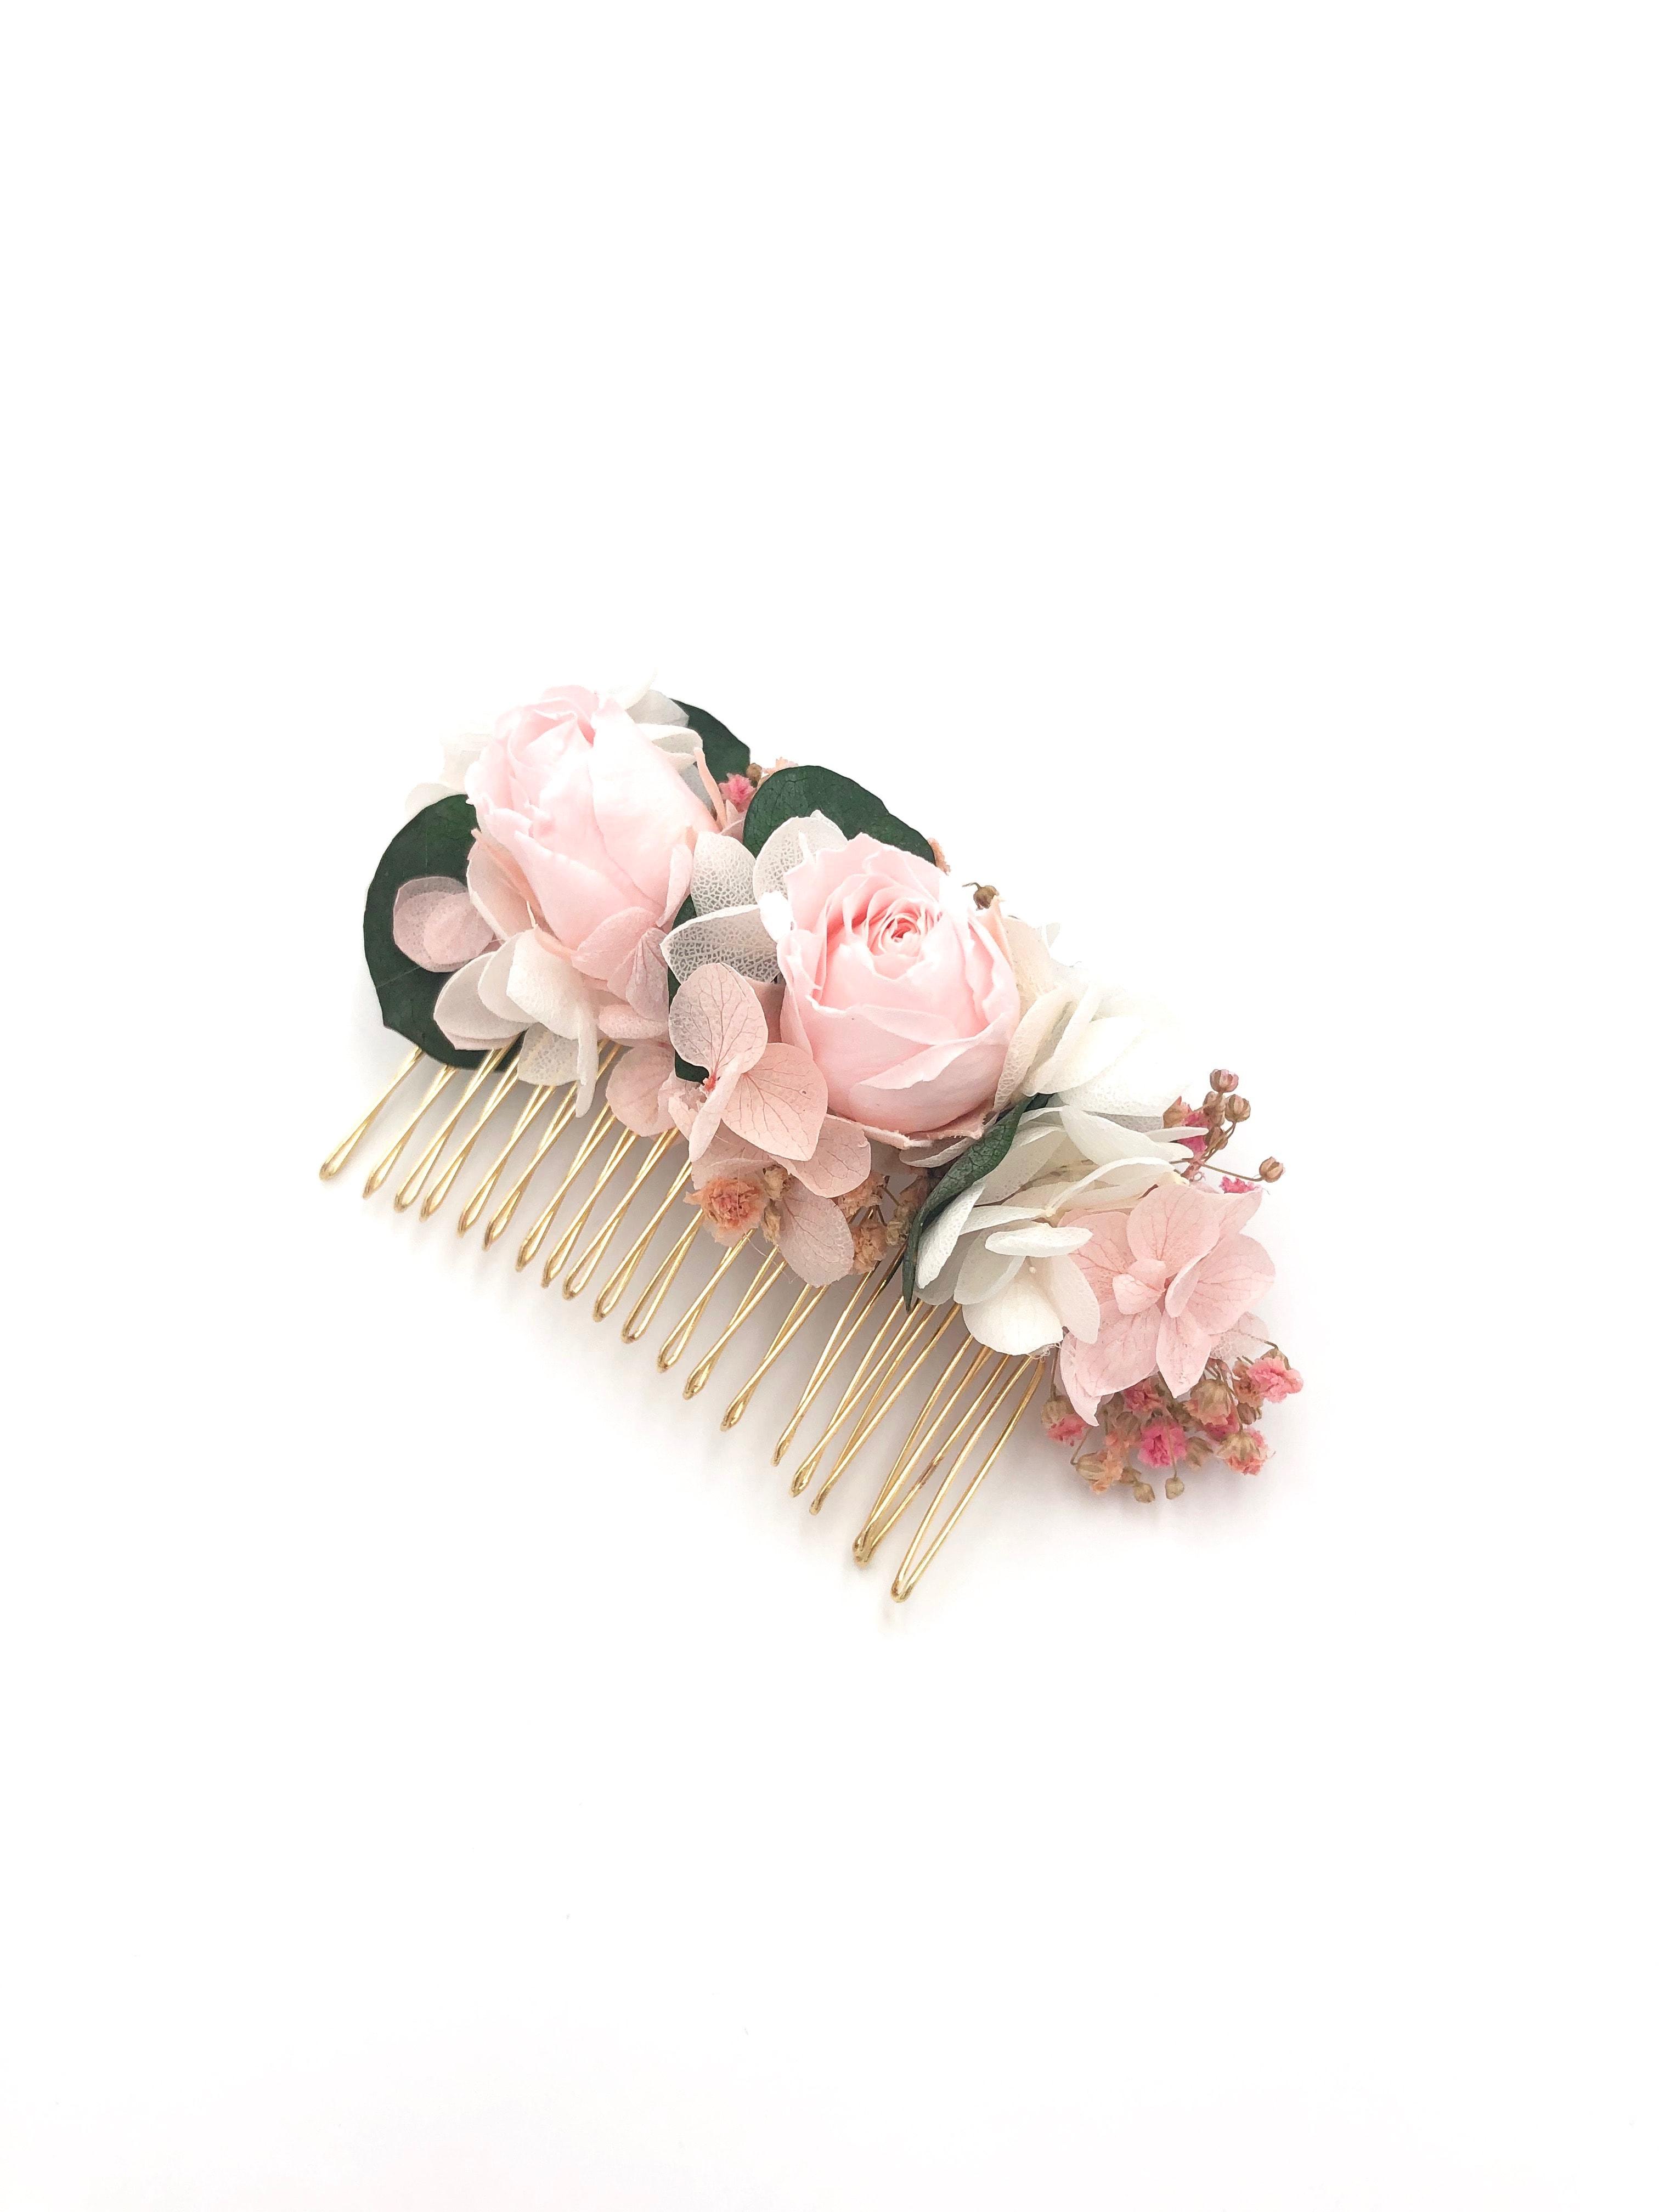 Peigne De Mariage Confetti Accessoire De Cheveux Pour La Mariee Chic